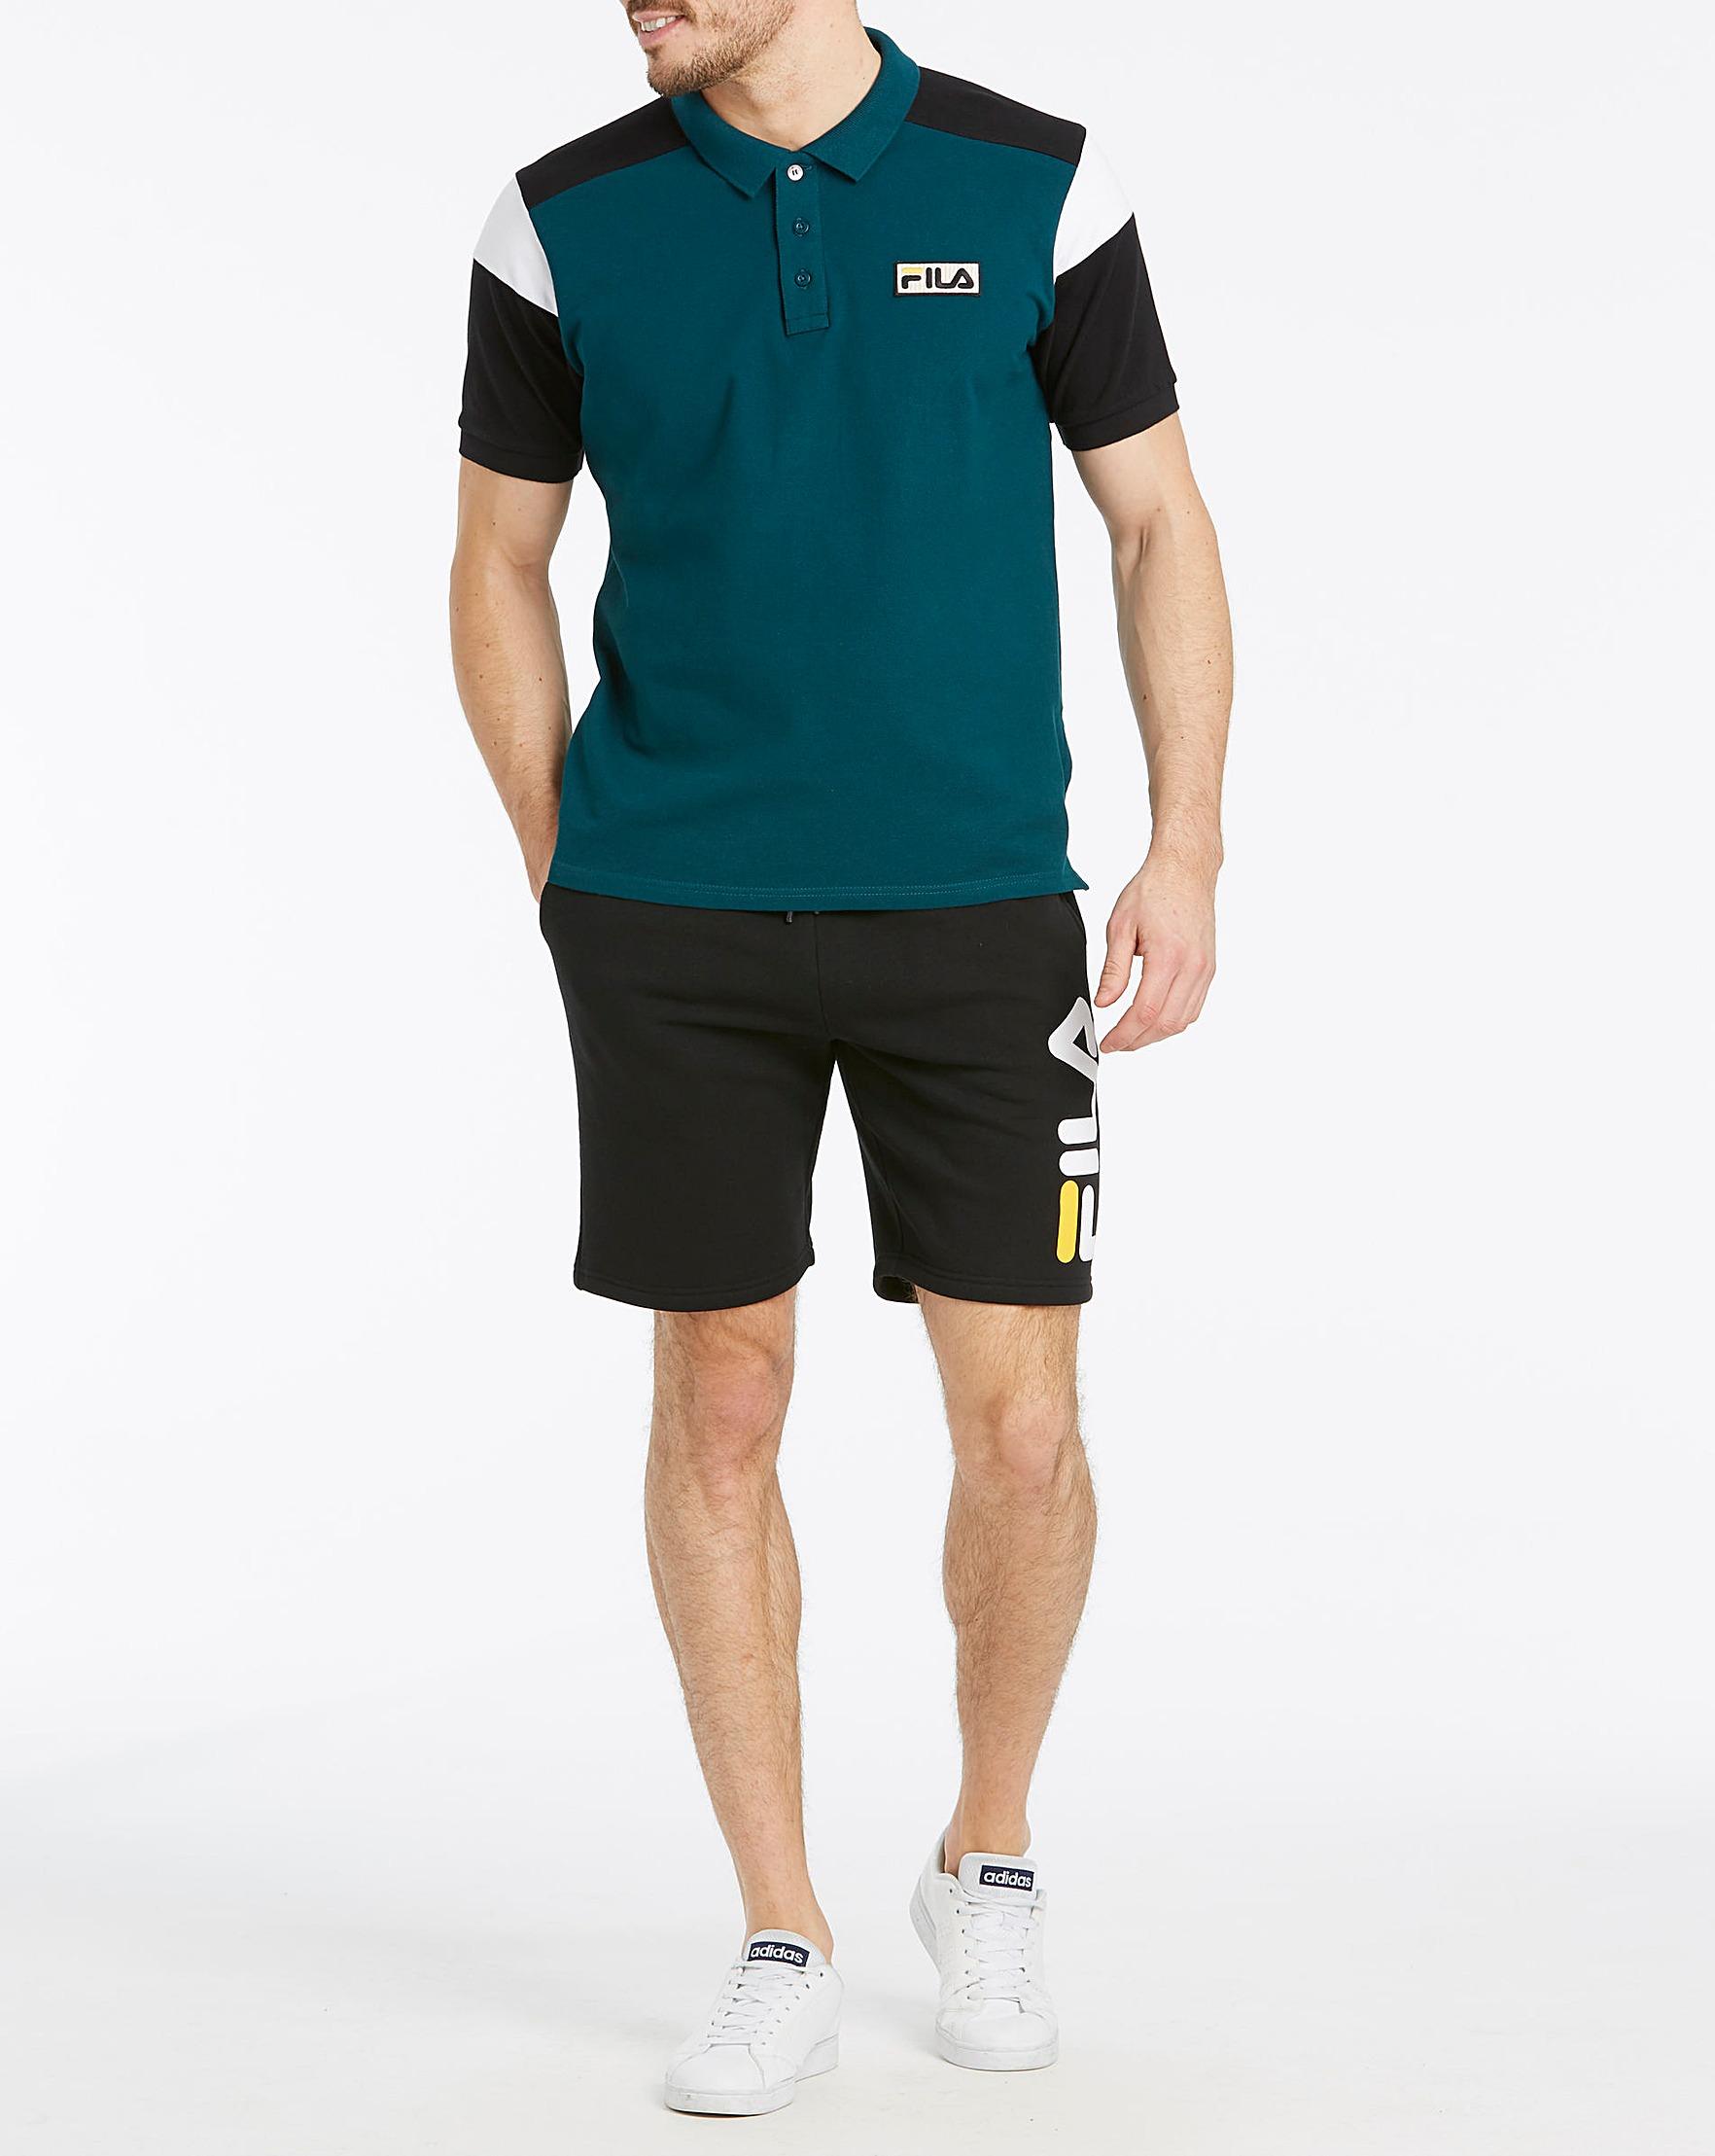 0adea87811dc5 Fila Lucian Fleece Jog Short | J D Williams